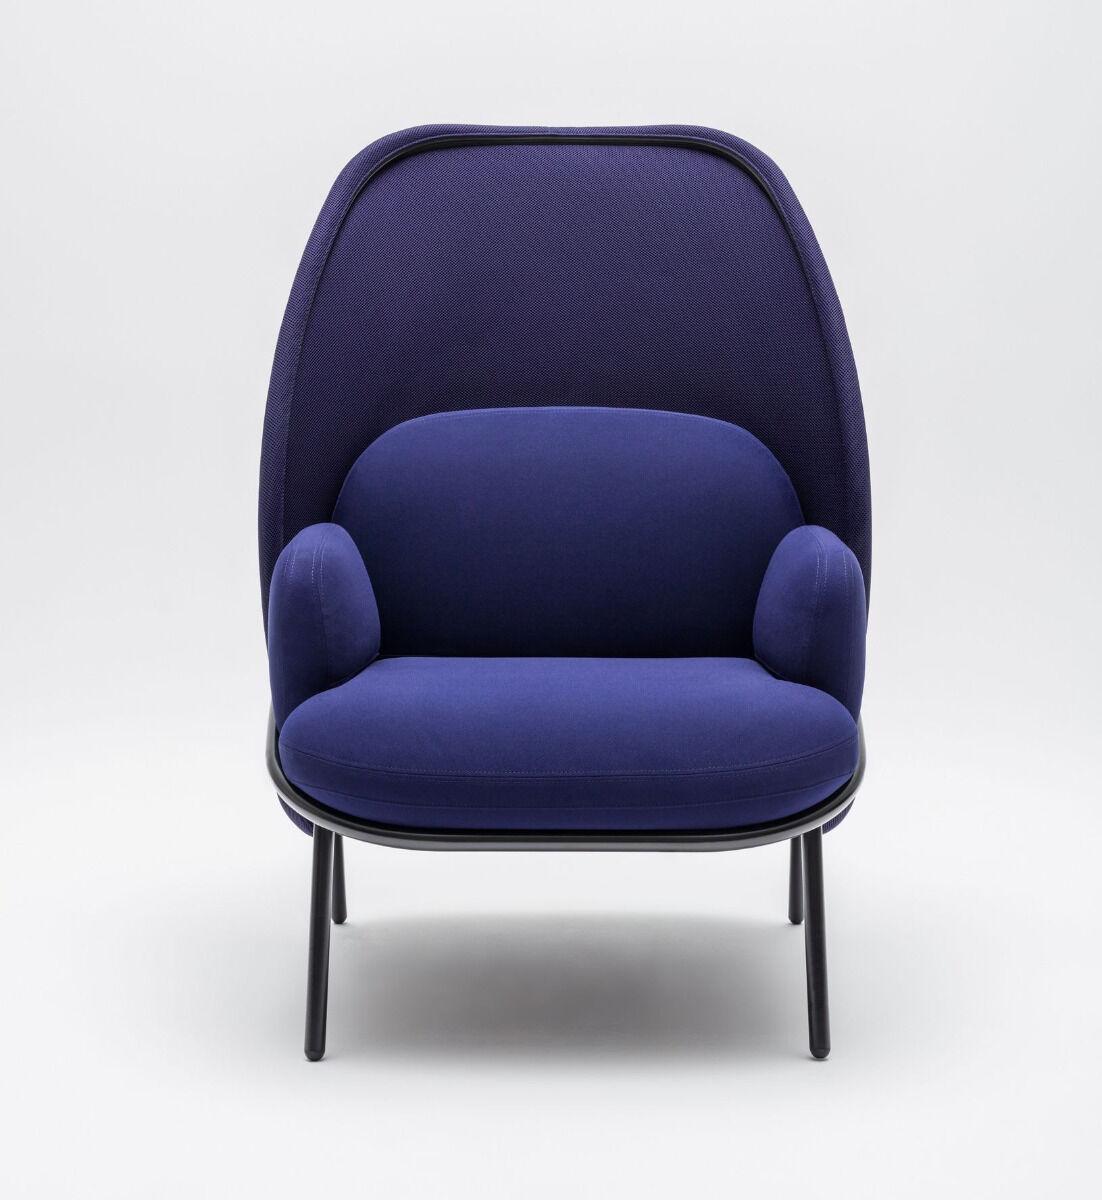 Mesh armchair Fabric: Atlantic, Runner Colour: A66064, R66064 Base colour:  M115